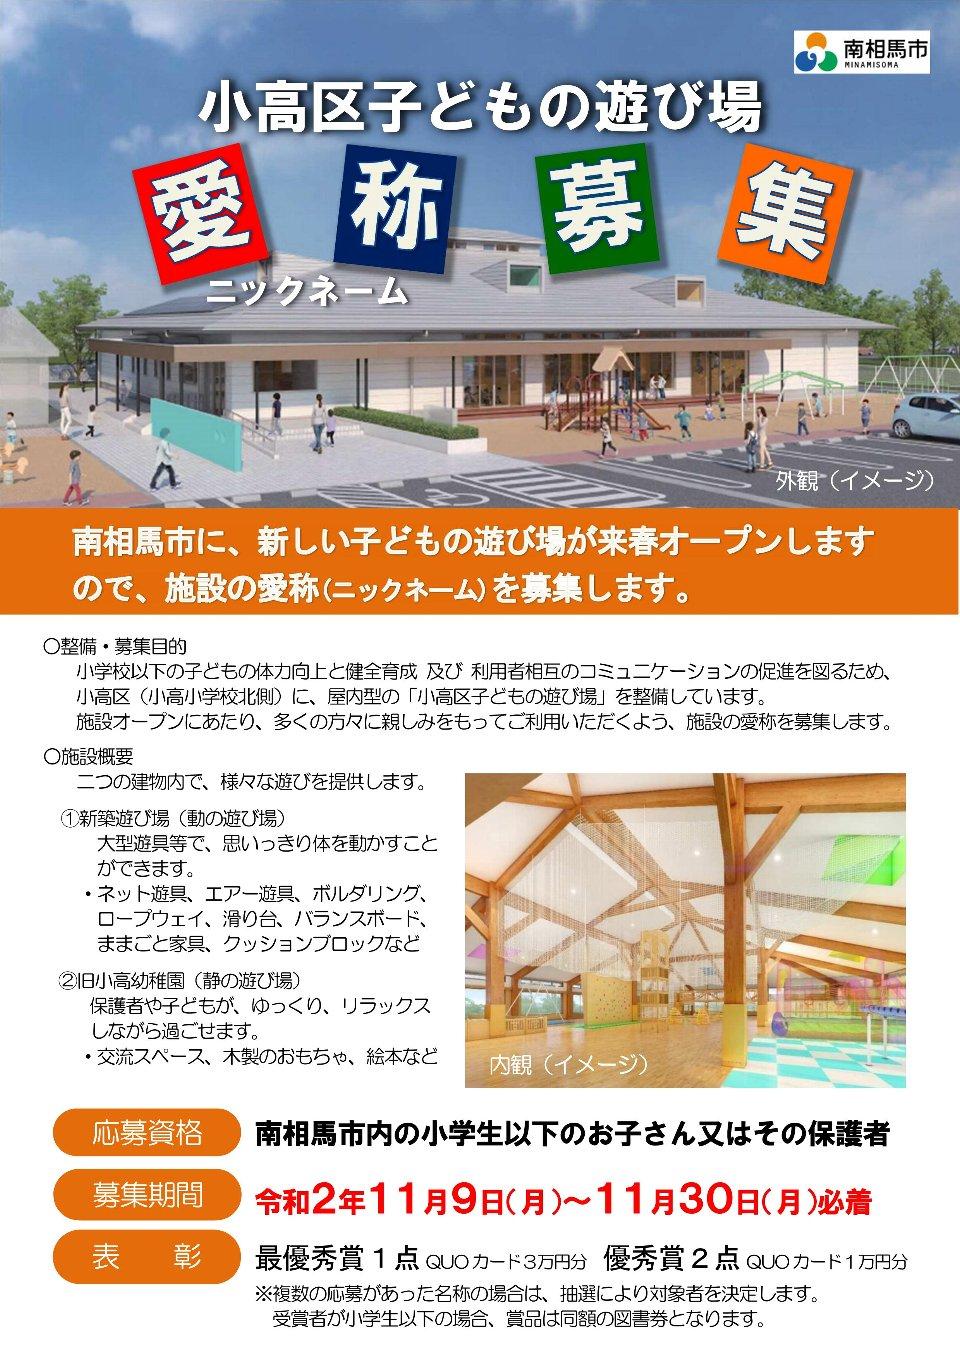 募集中!!~11/30まで【南相馬市】小高区子どもの遊び場の愛称